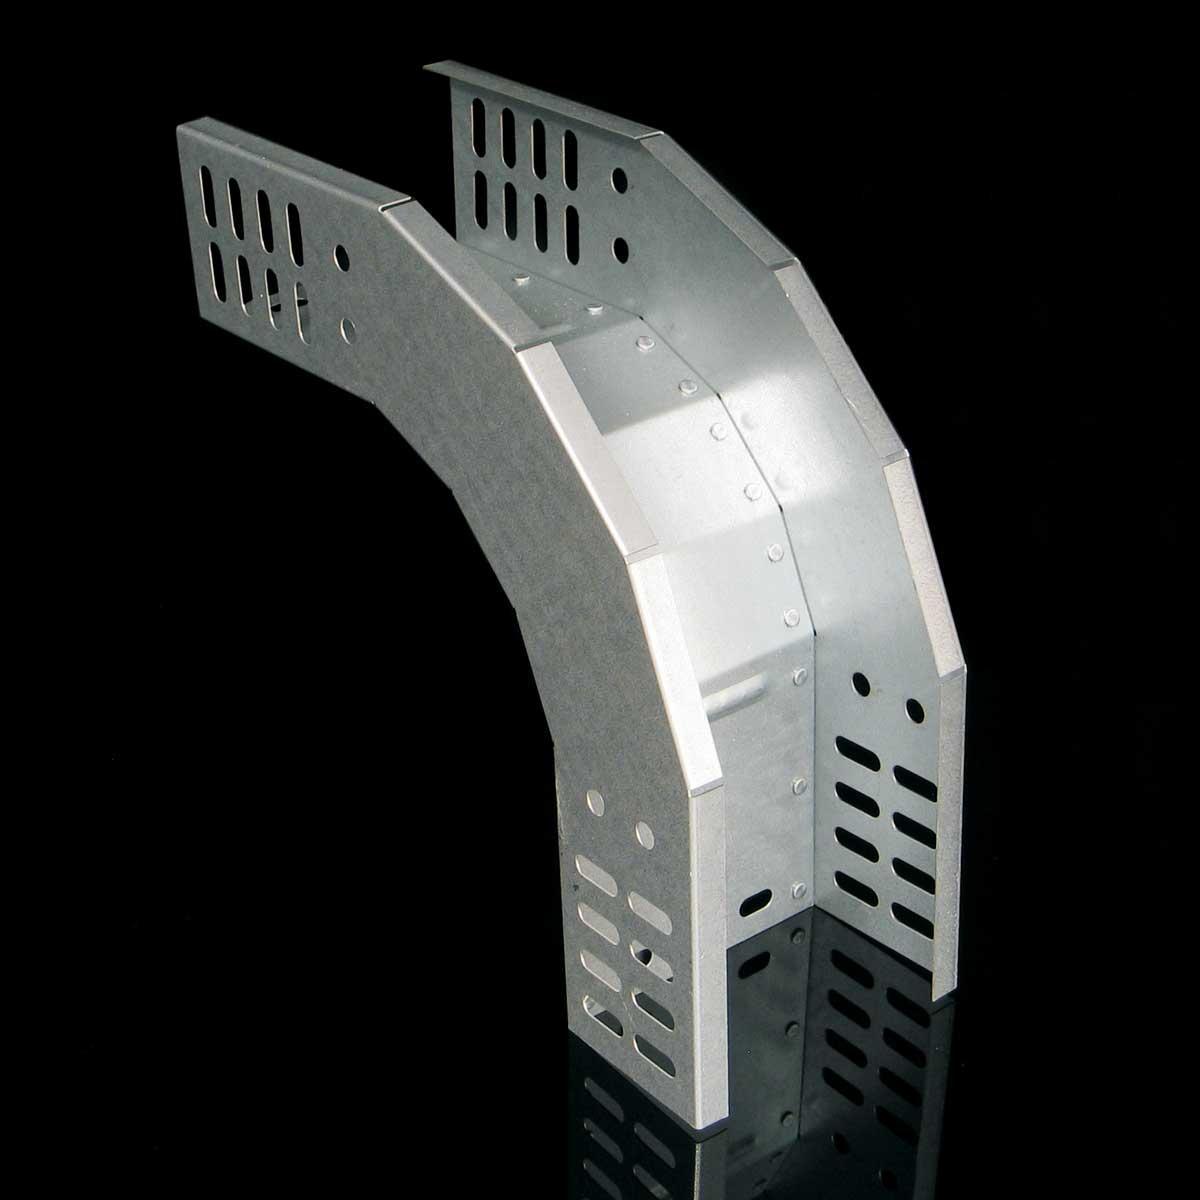 Поворот вертикальний зовнішній 90 для лотка JUPITER; розміри-60x300x245mm Товщ. метал-1 Вага-1,13кг/м